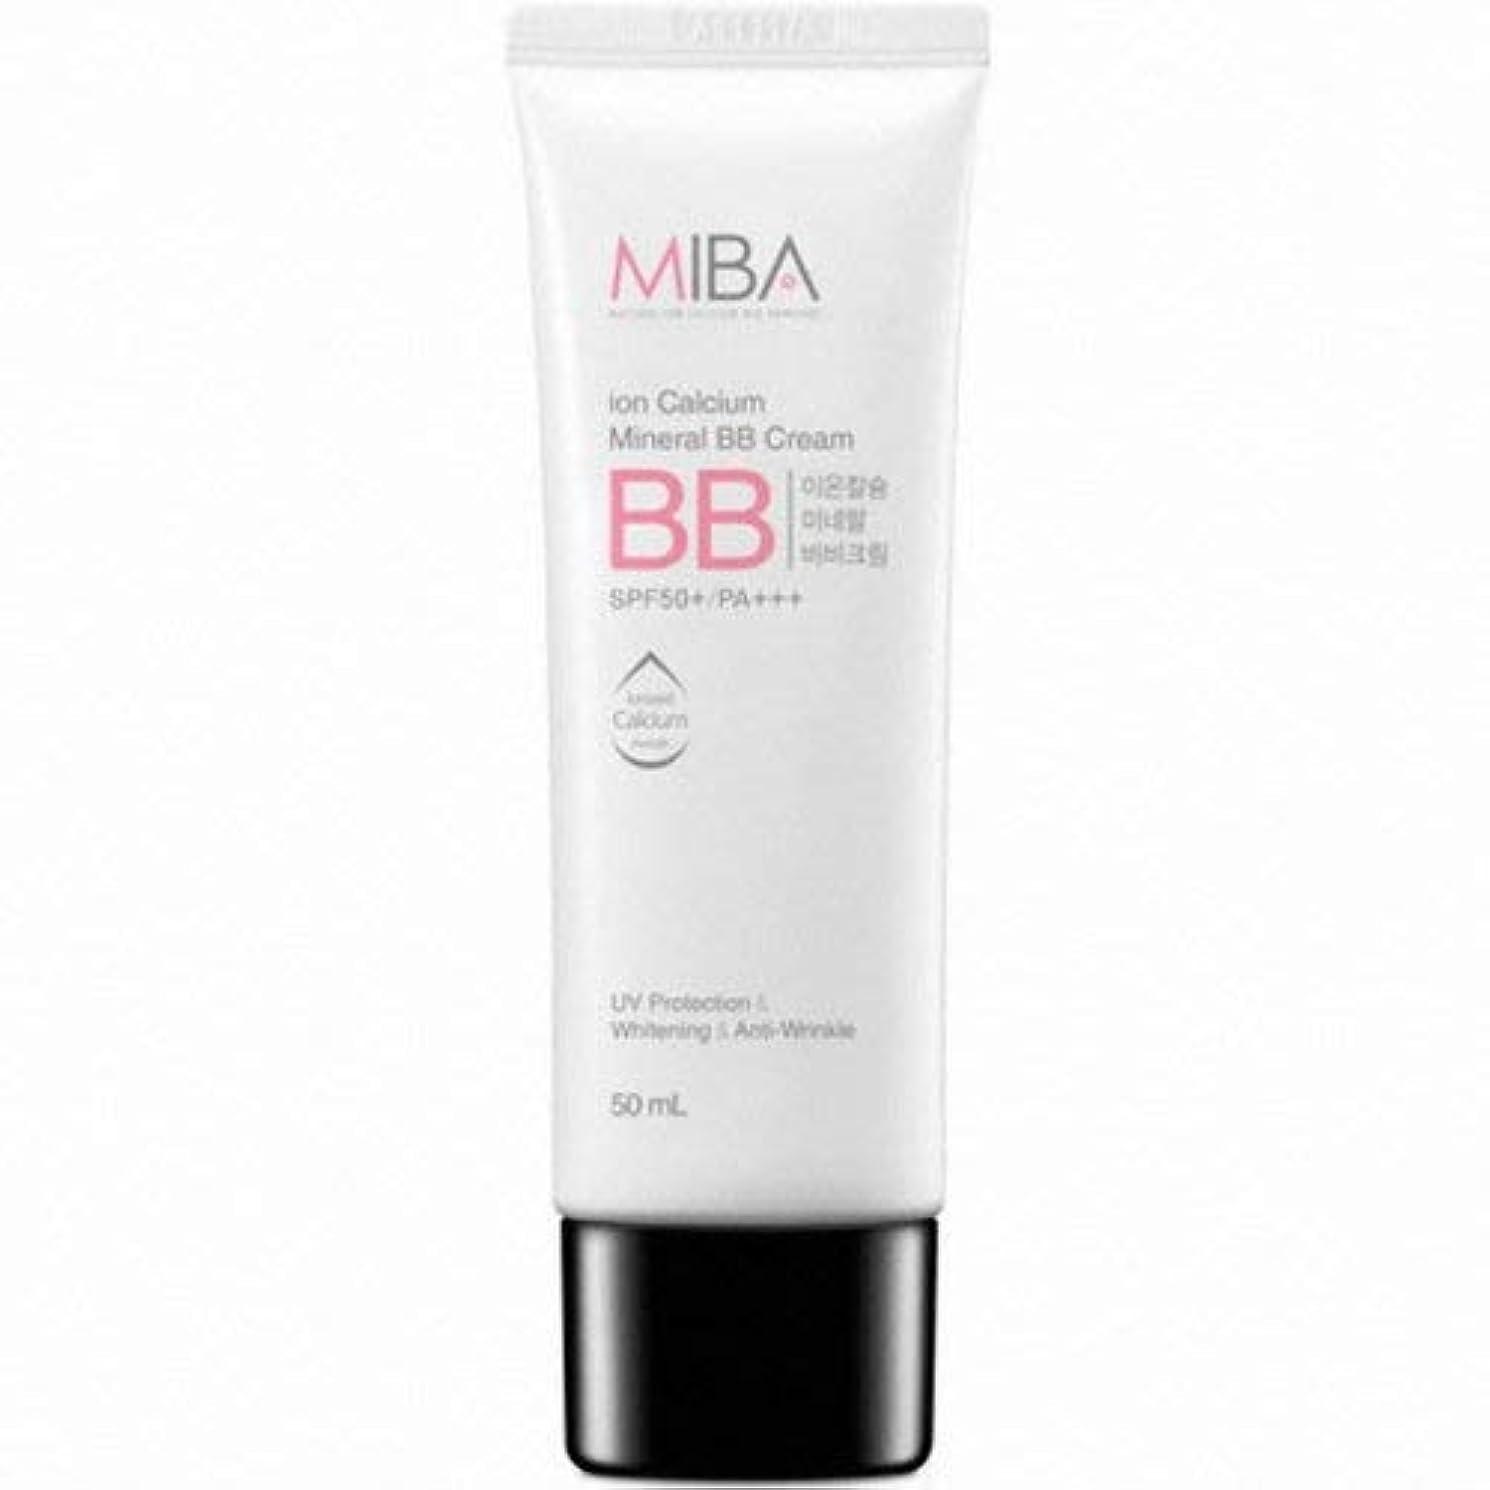 見る観察光電MINERALBIO ミバ イオン カルシウム ミネラル ビビクリーム/MIBA Ion Calcium Mineral BB Cream (50ml) [並行輸入品]